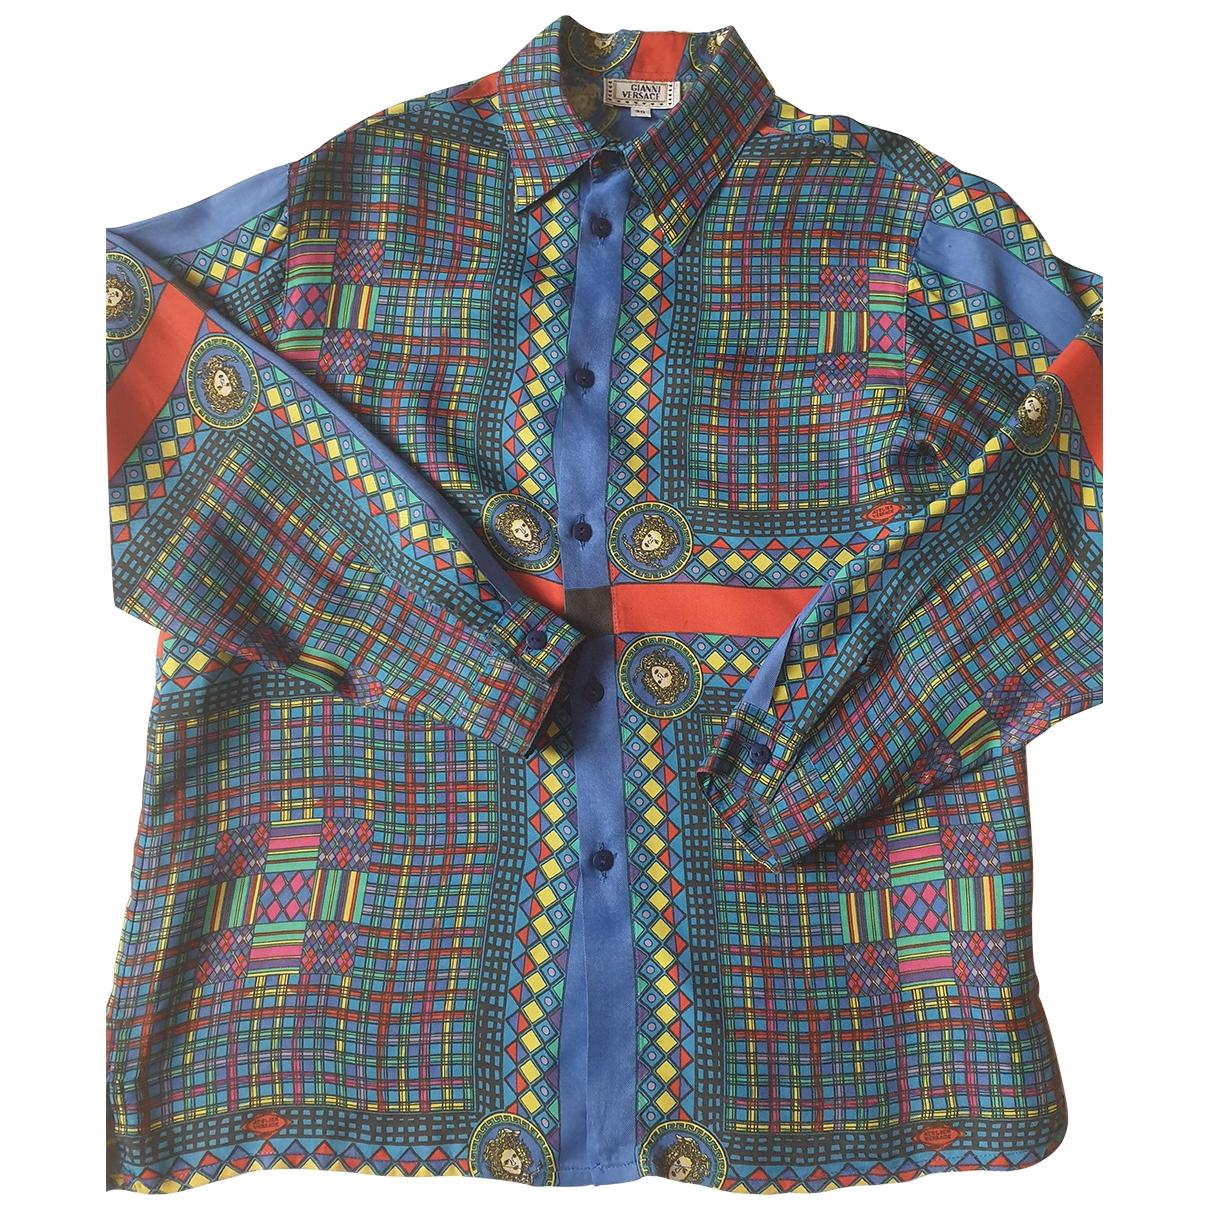 Gianni Versace - Top   pour enfant - multicolore